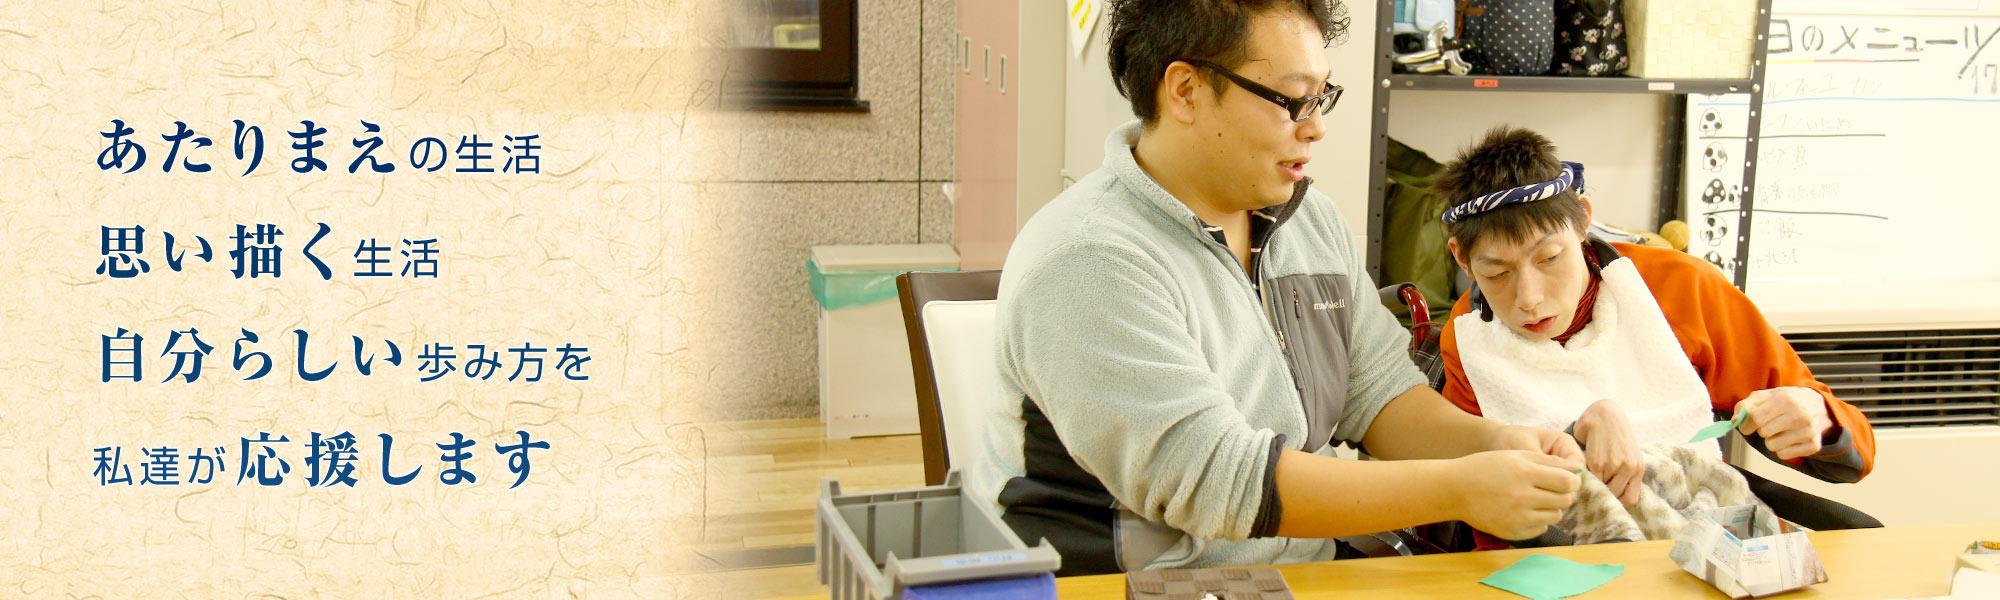 青森県黒石市の「山郷館黒石グループ」では、身体的・精神的障がいを抱えた(障がい児含)の支援施設です。入所・生活介護・グループホーム・障がい児支援をします。